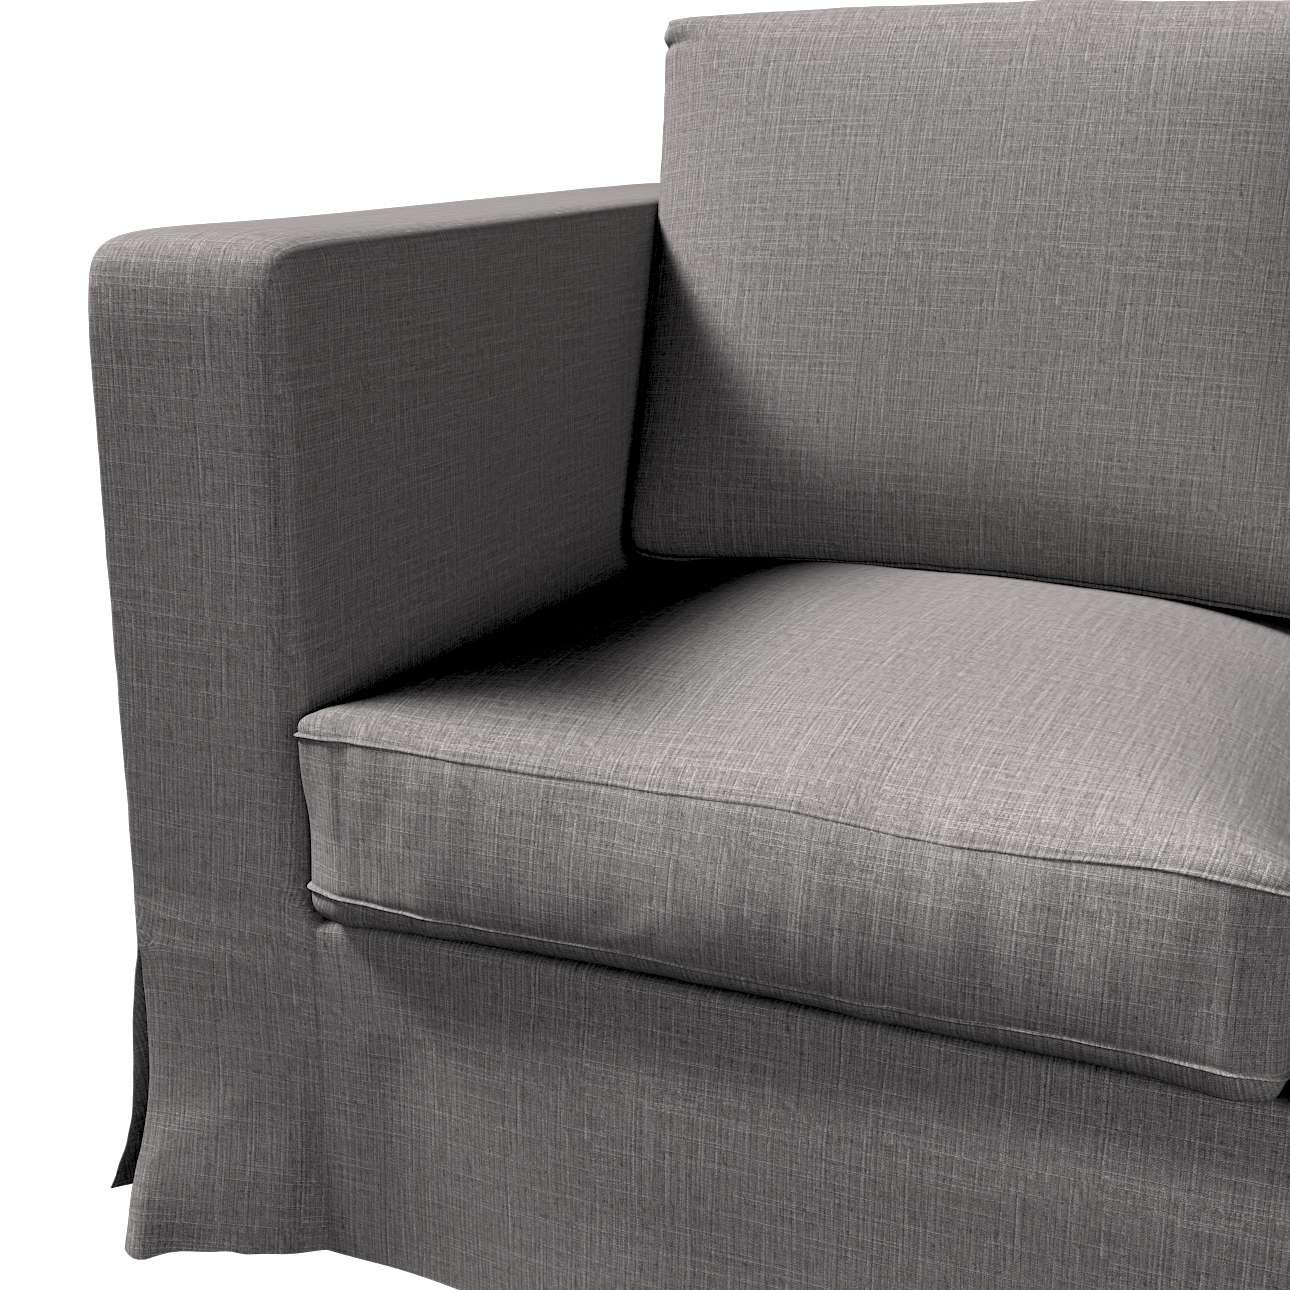 Bezug für Karlanda 3-Sitzer Sofa nicht ausklappbar, lang von der Kollektion Living II, Stoff: 161-16